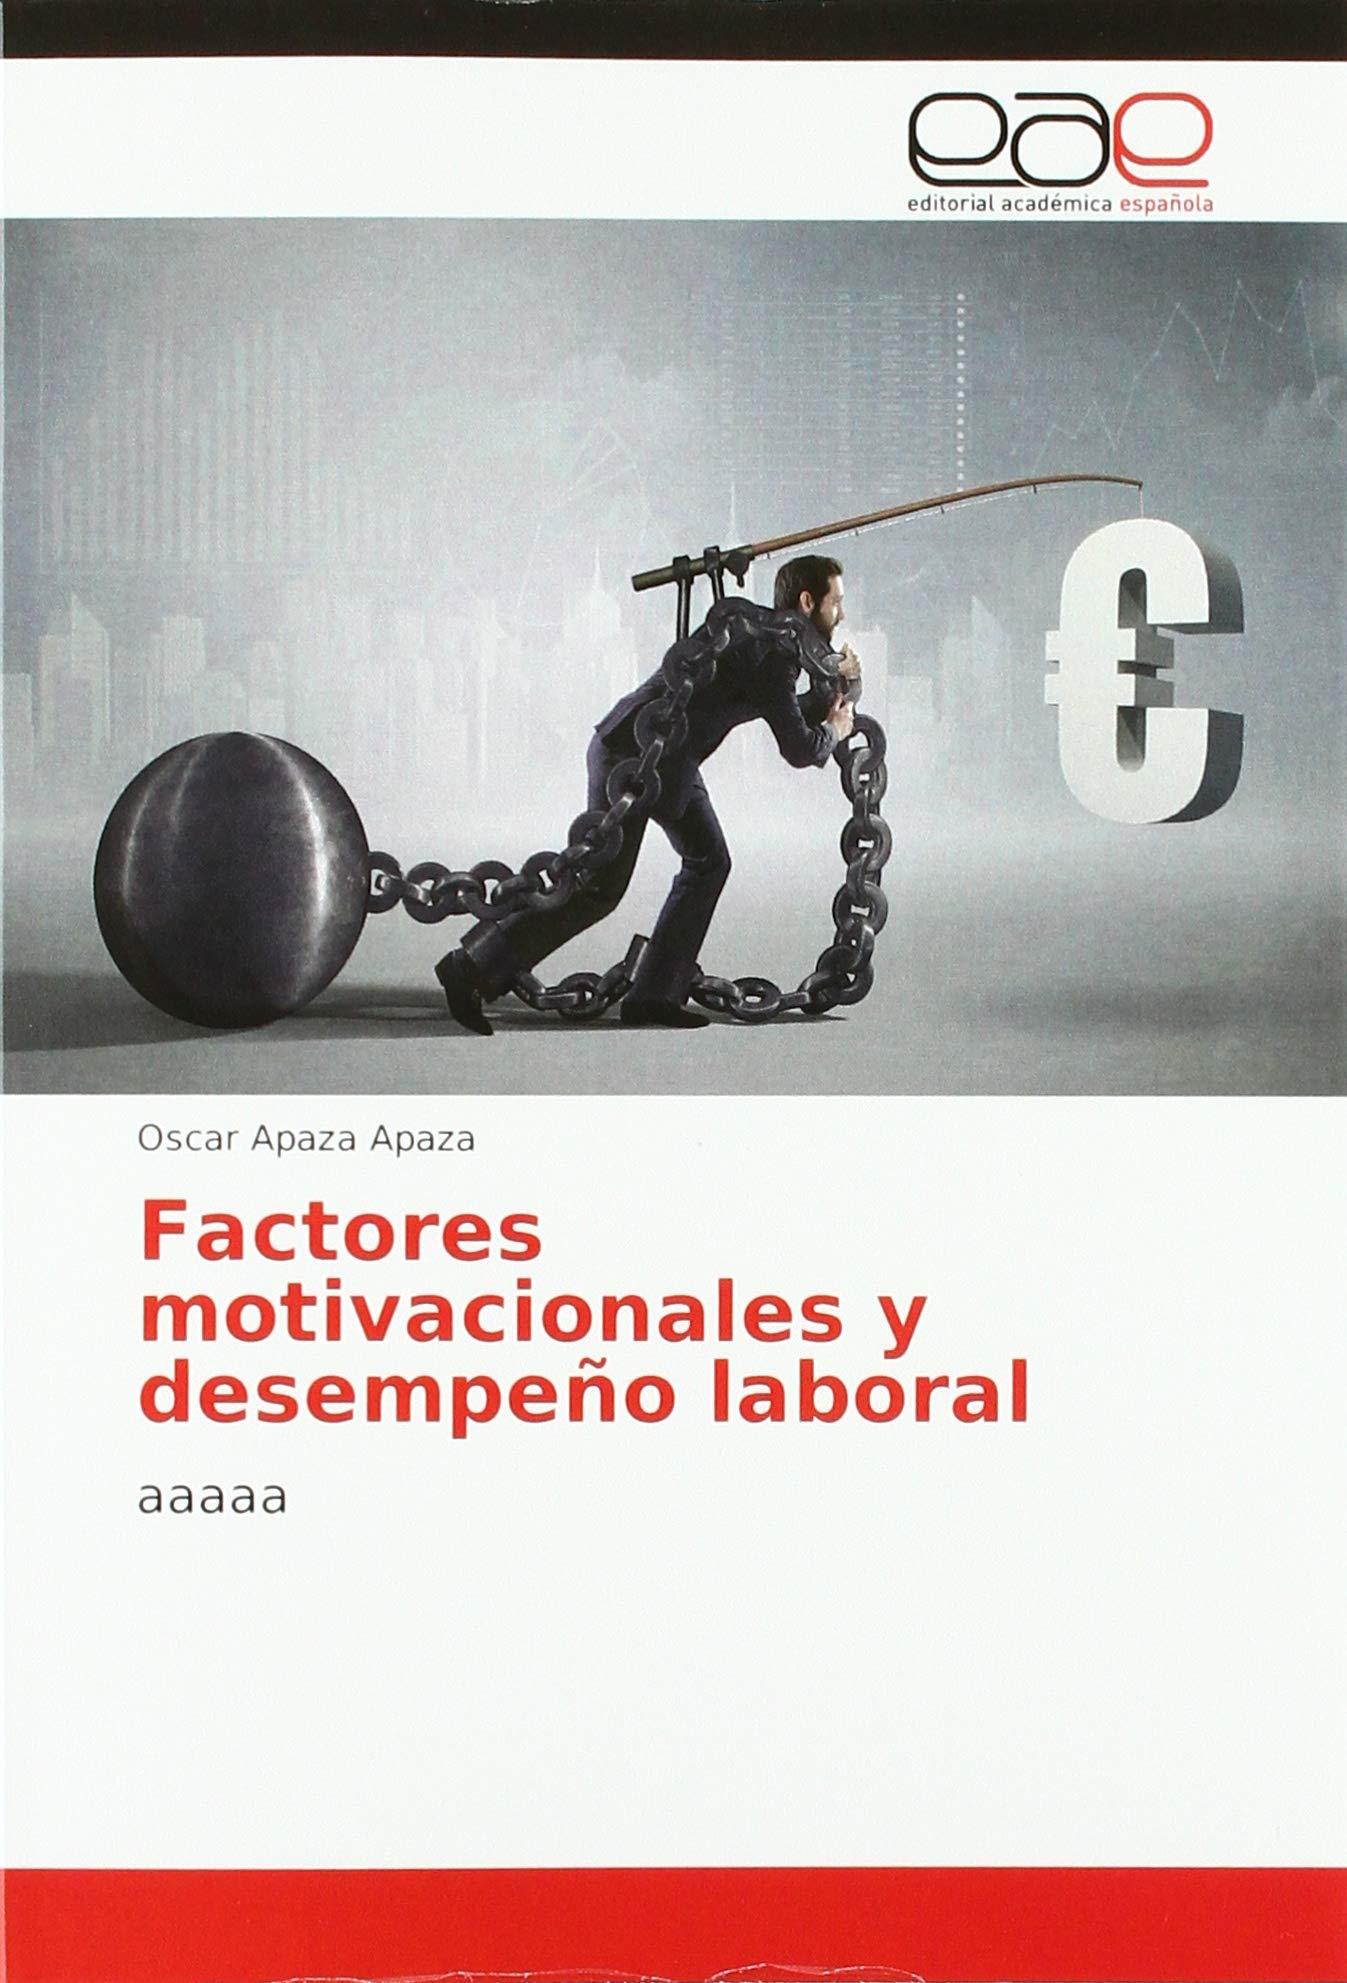 Factores Motivacionales Y Desempeño Laboral Aaaaa Spanish